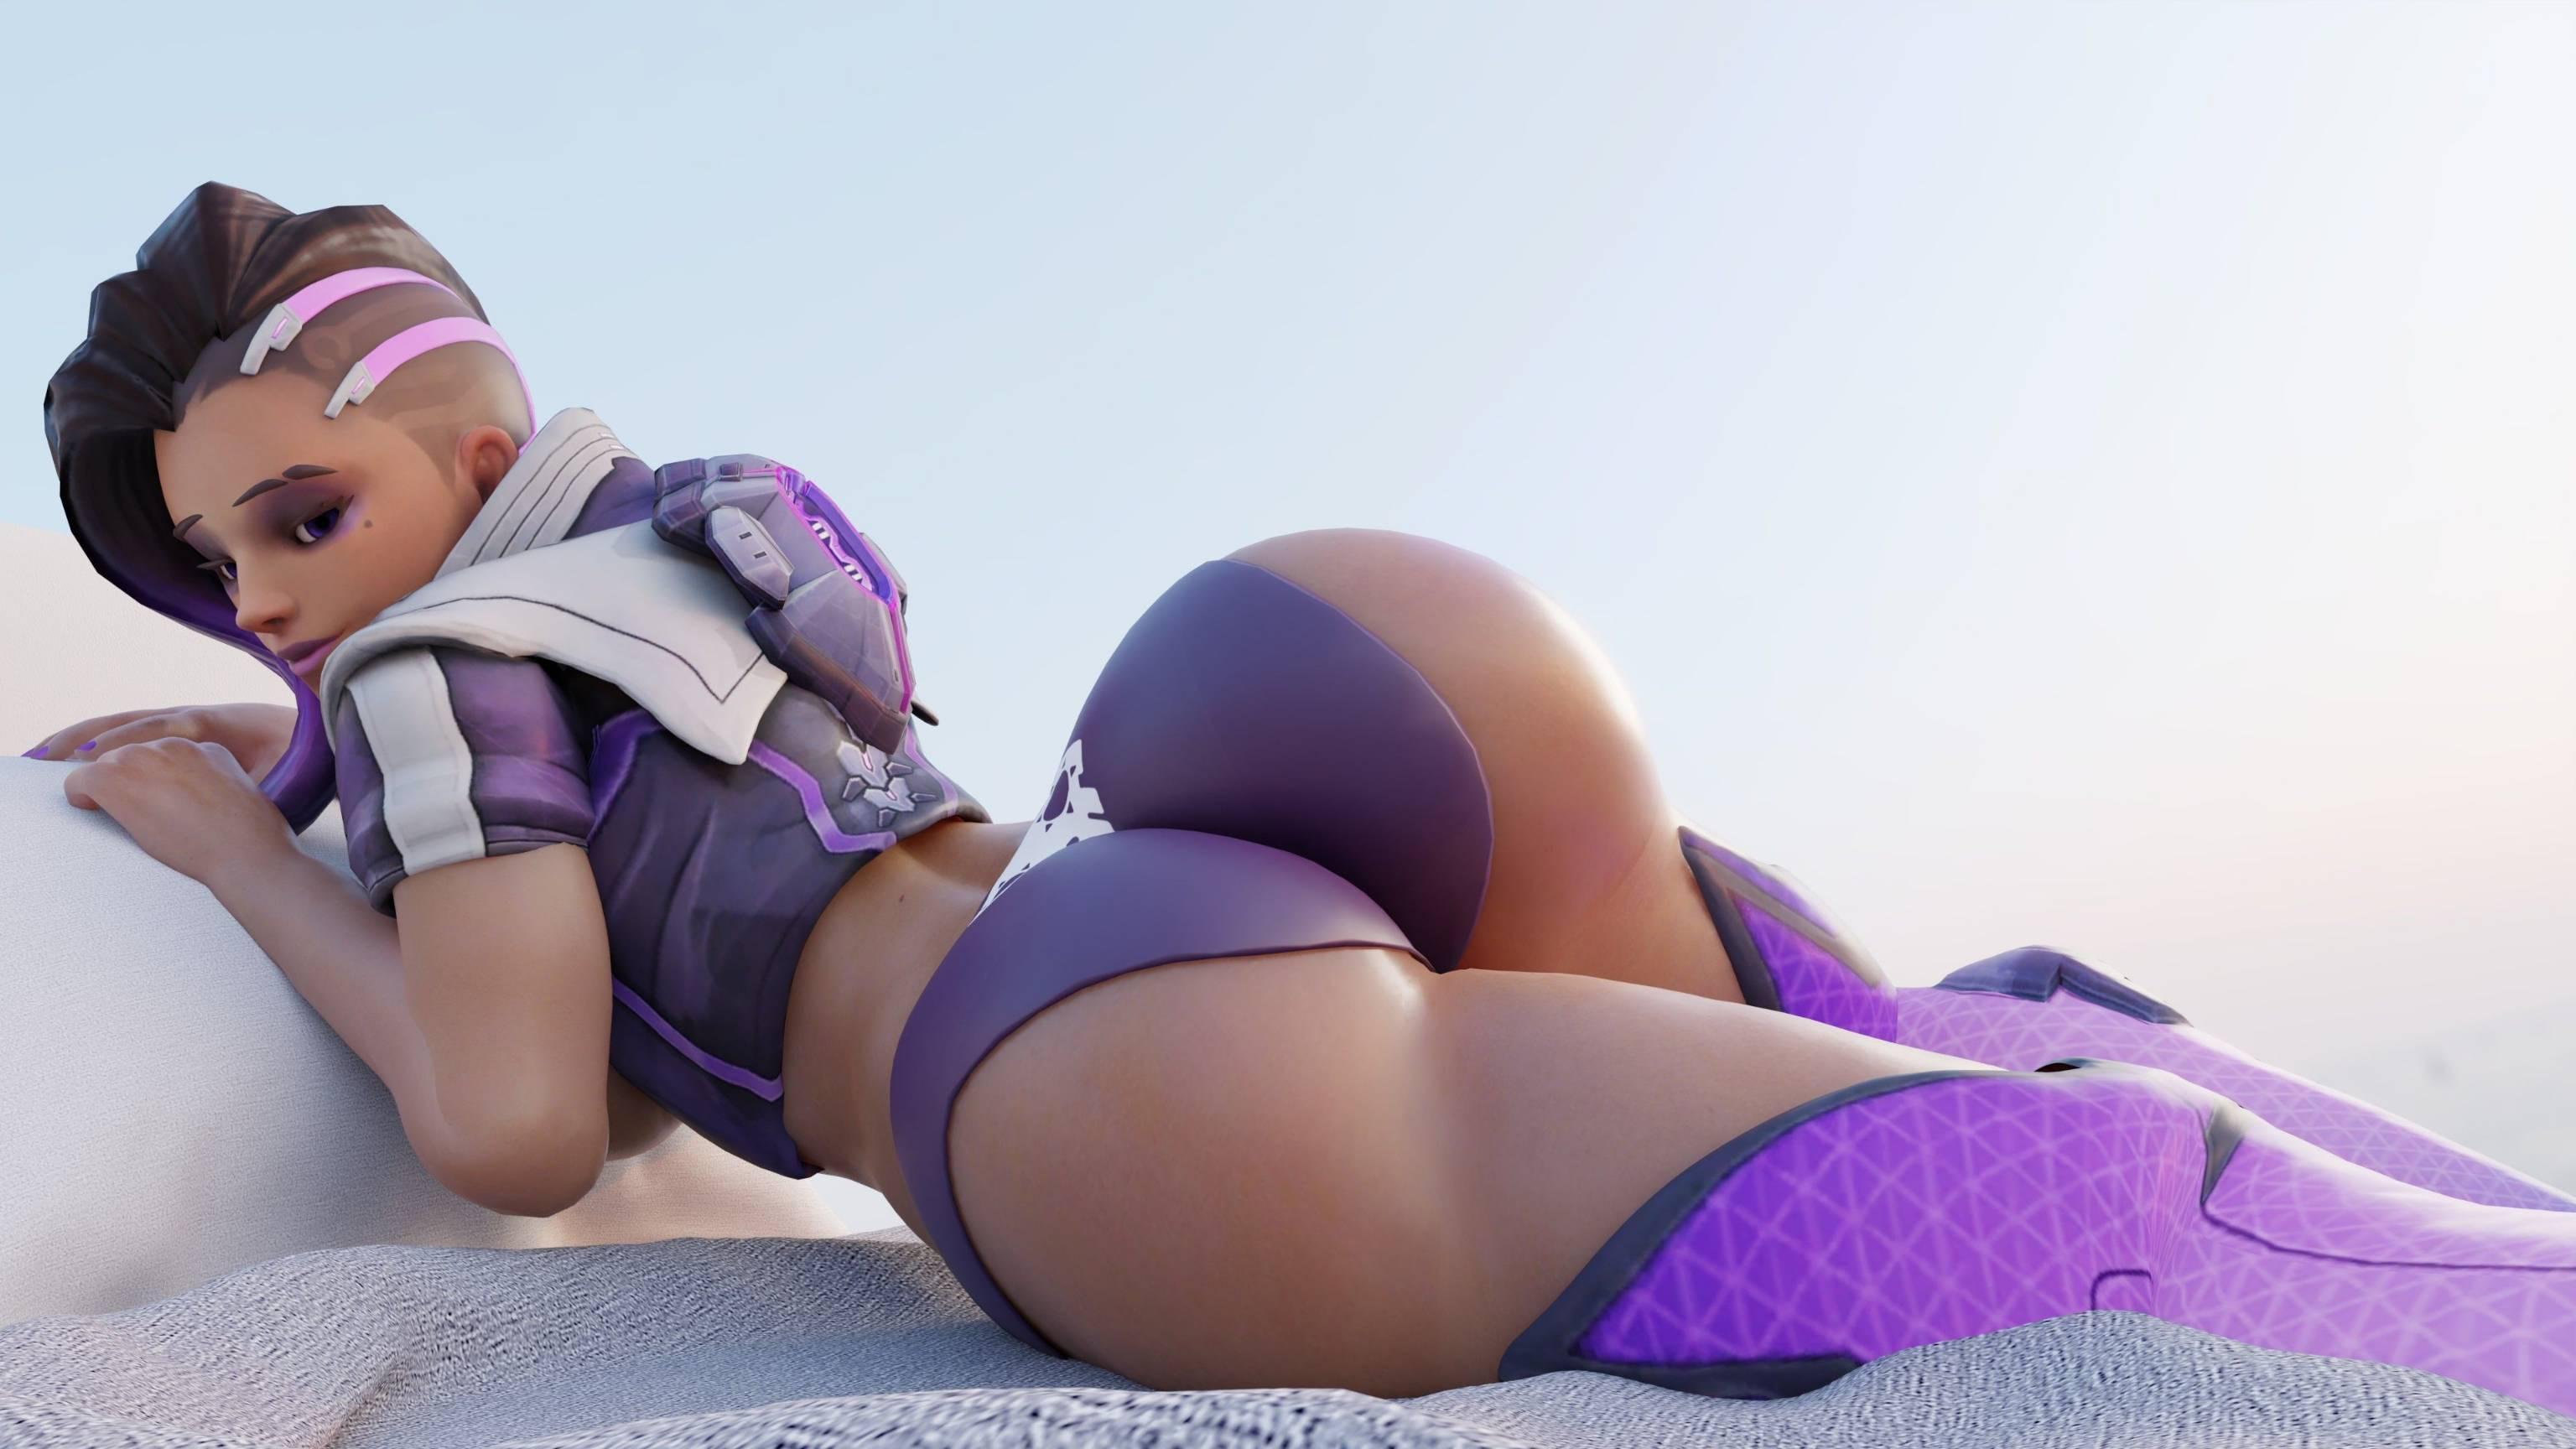 守望先锋 3D精品CG作品大合集1.85G-FANCHENBIZ